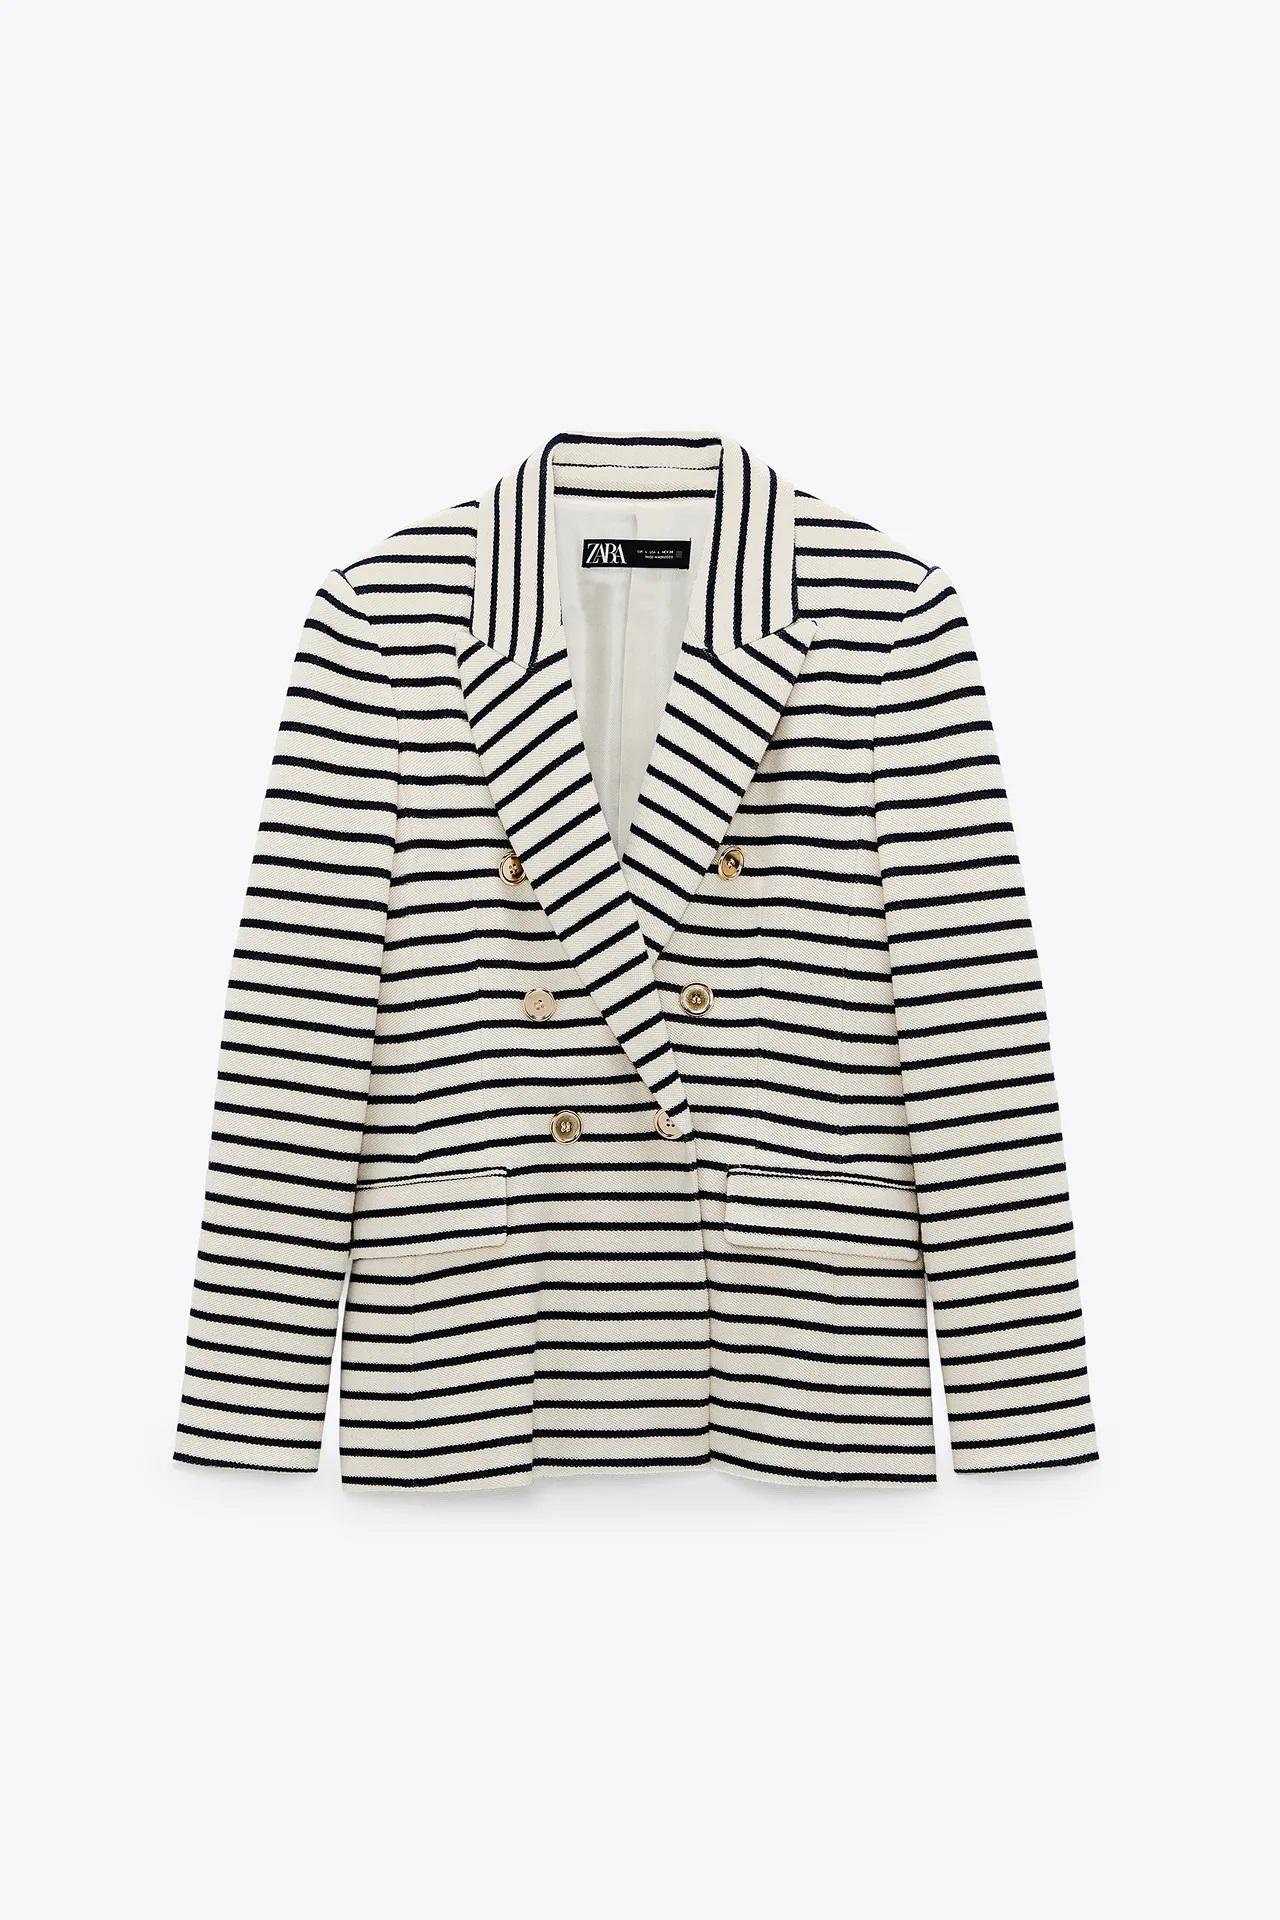 Zara tiene la chaqueta de entretiempo que parece de Dior más favorecedora